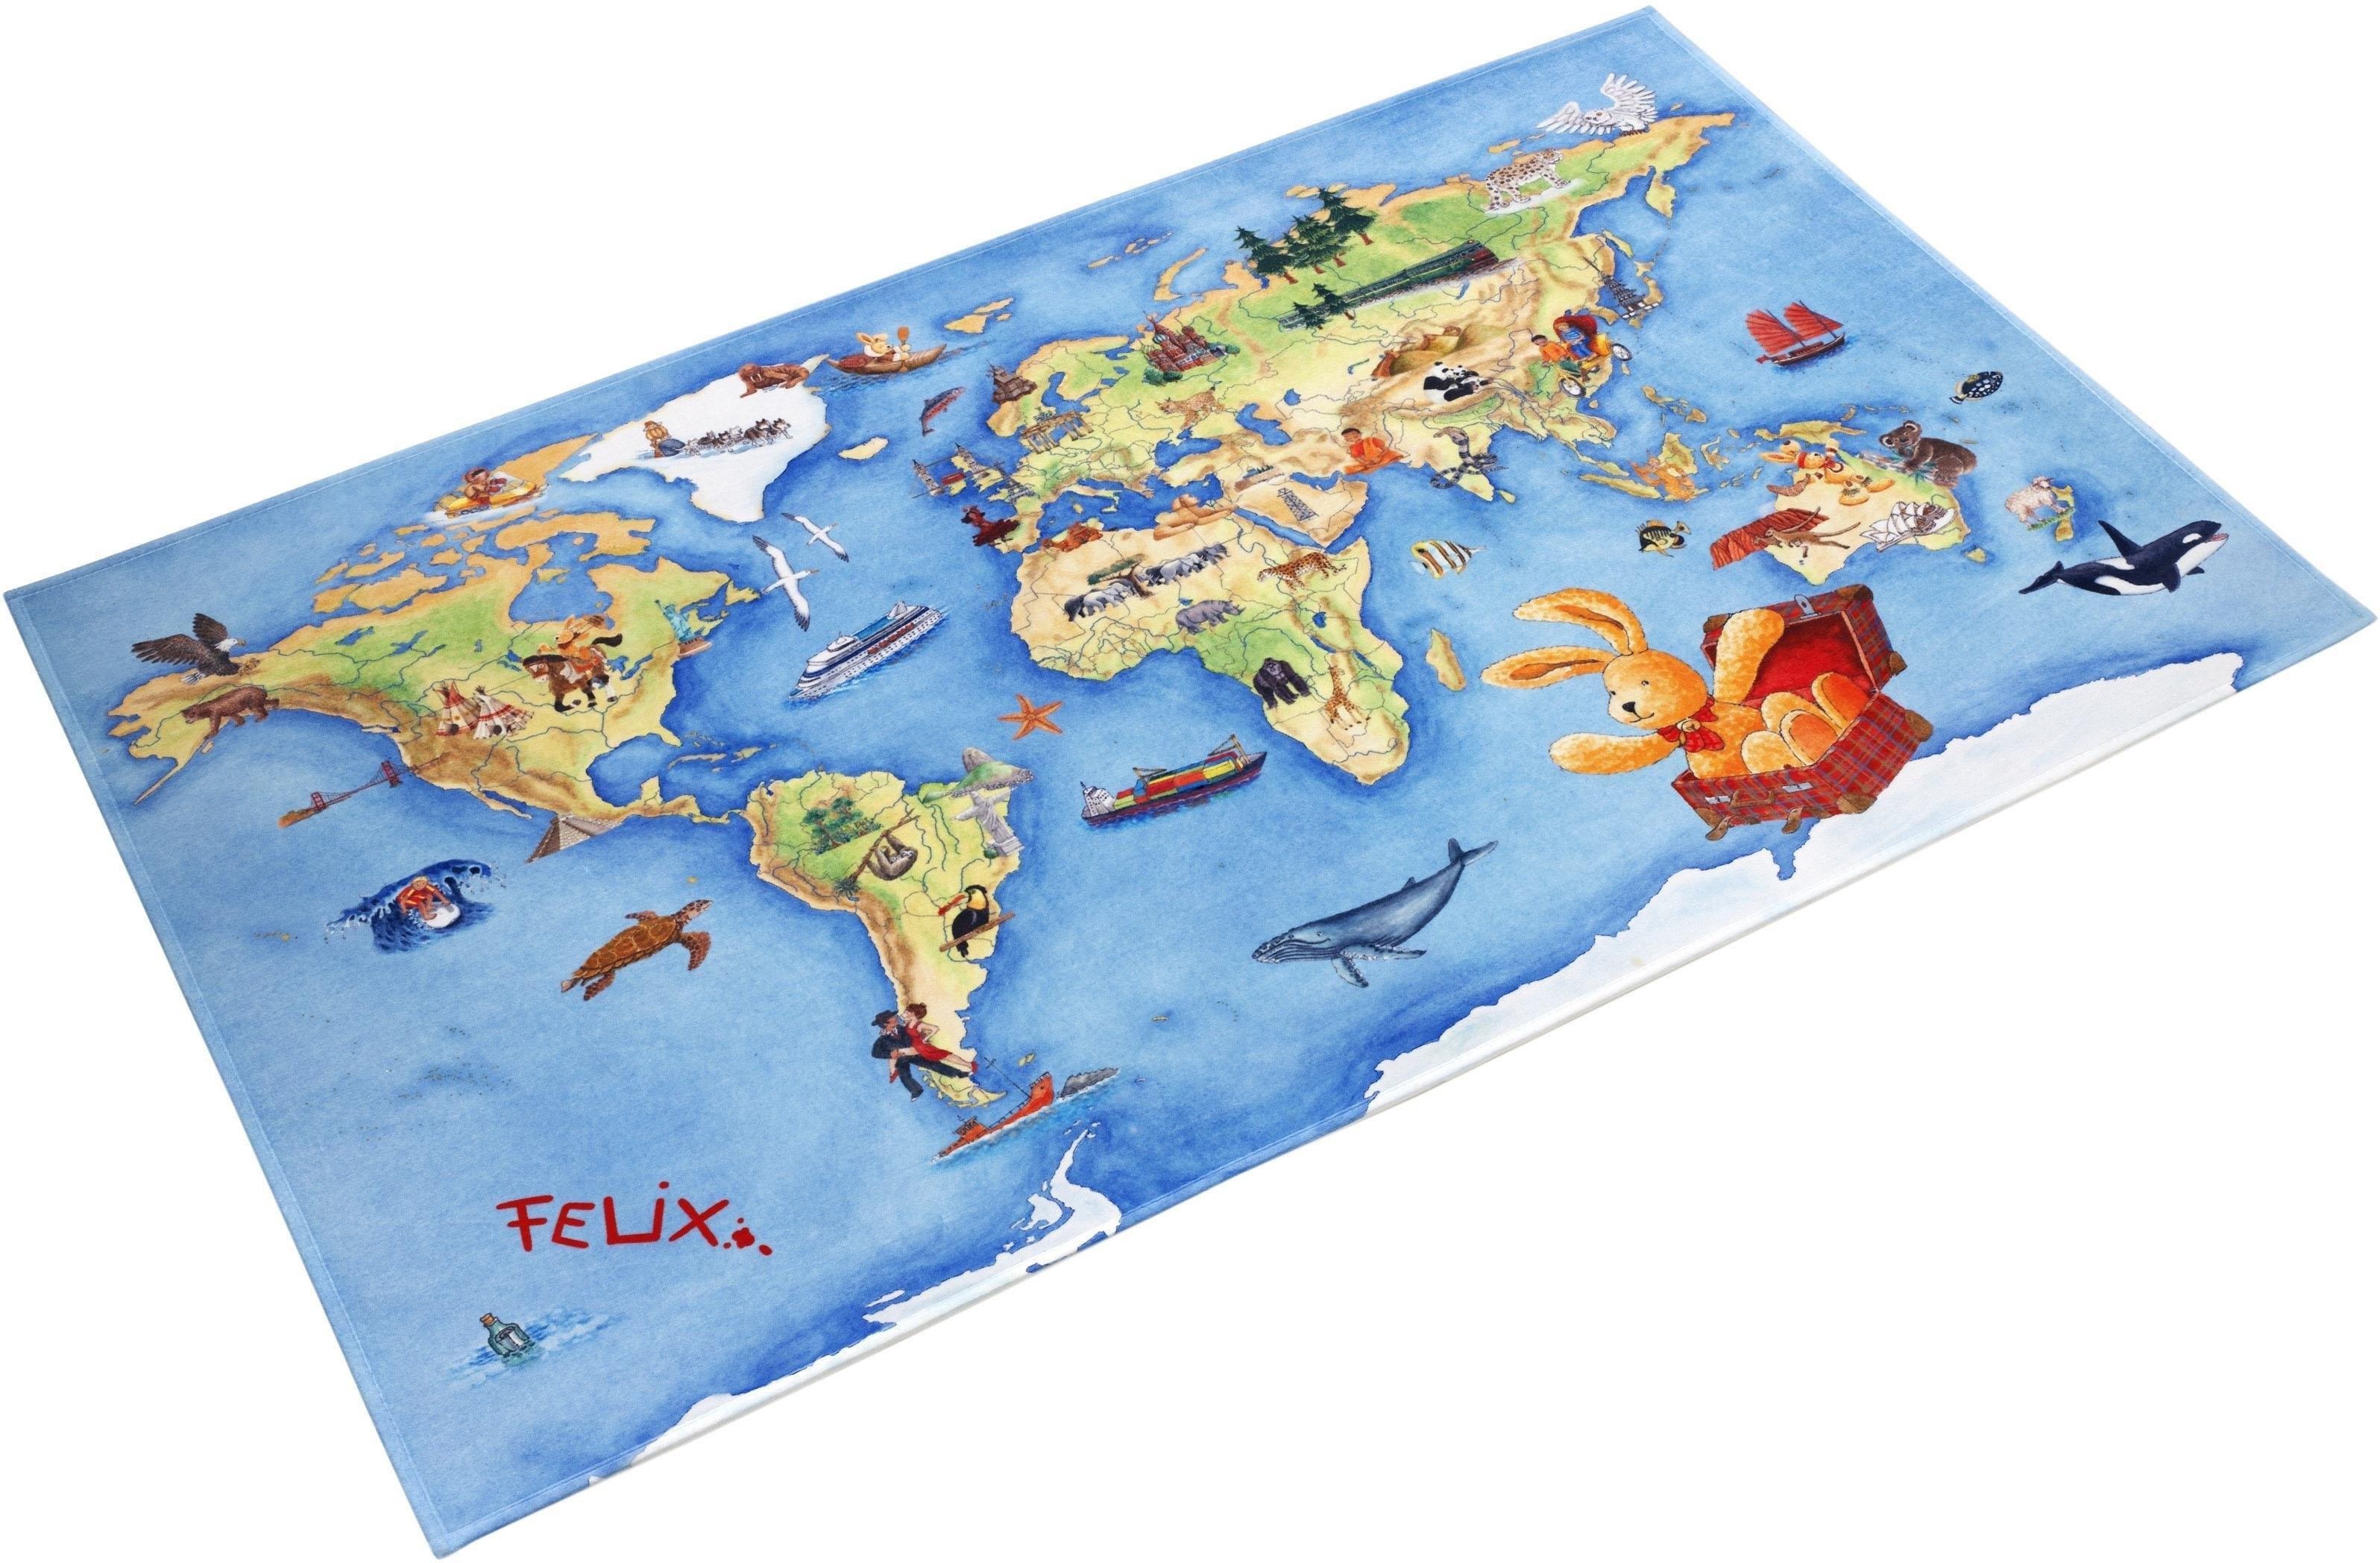 Felix der Hase Vloerkleed voor de kinderkamer, »FE-410«, rechthoekig, hoogte 6 mm, geprint voordelig en veilig online kopen